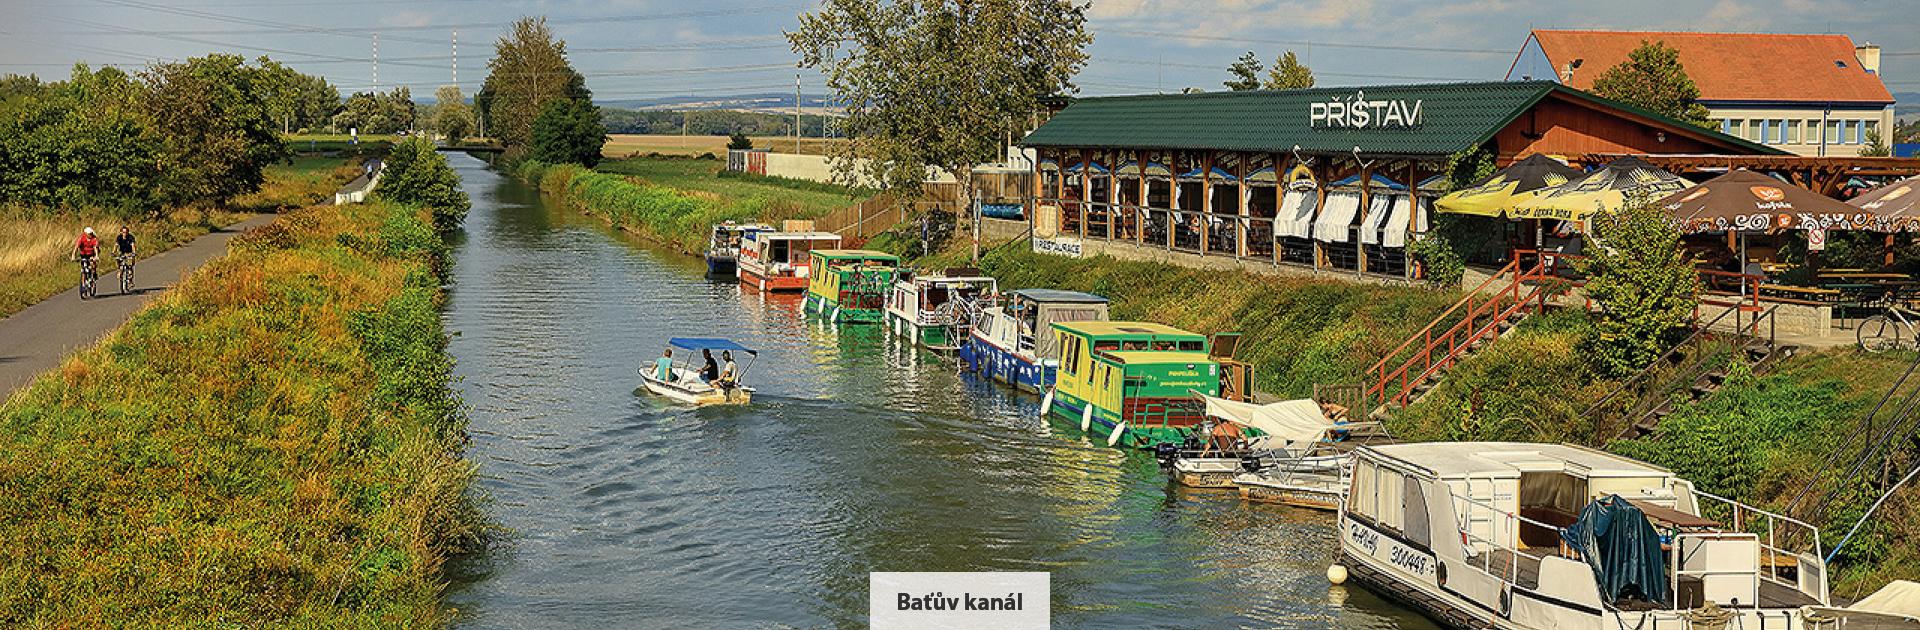 Baťův kanál, zdroj: Libor Sváček, archiv Vydavatelství MCU